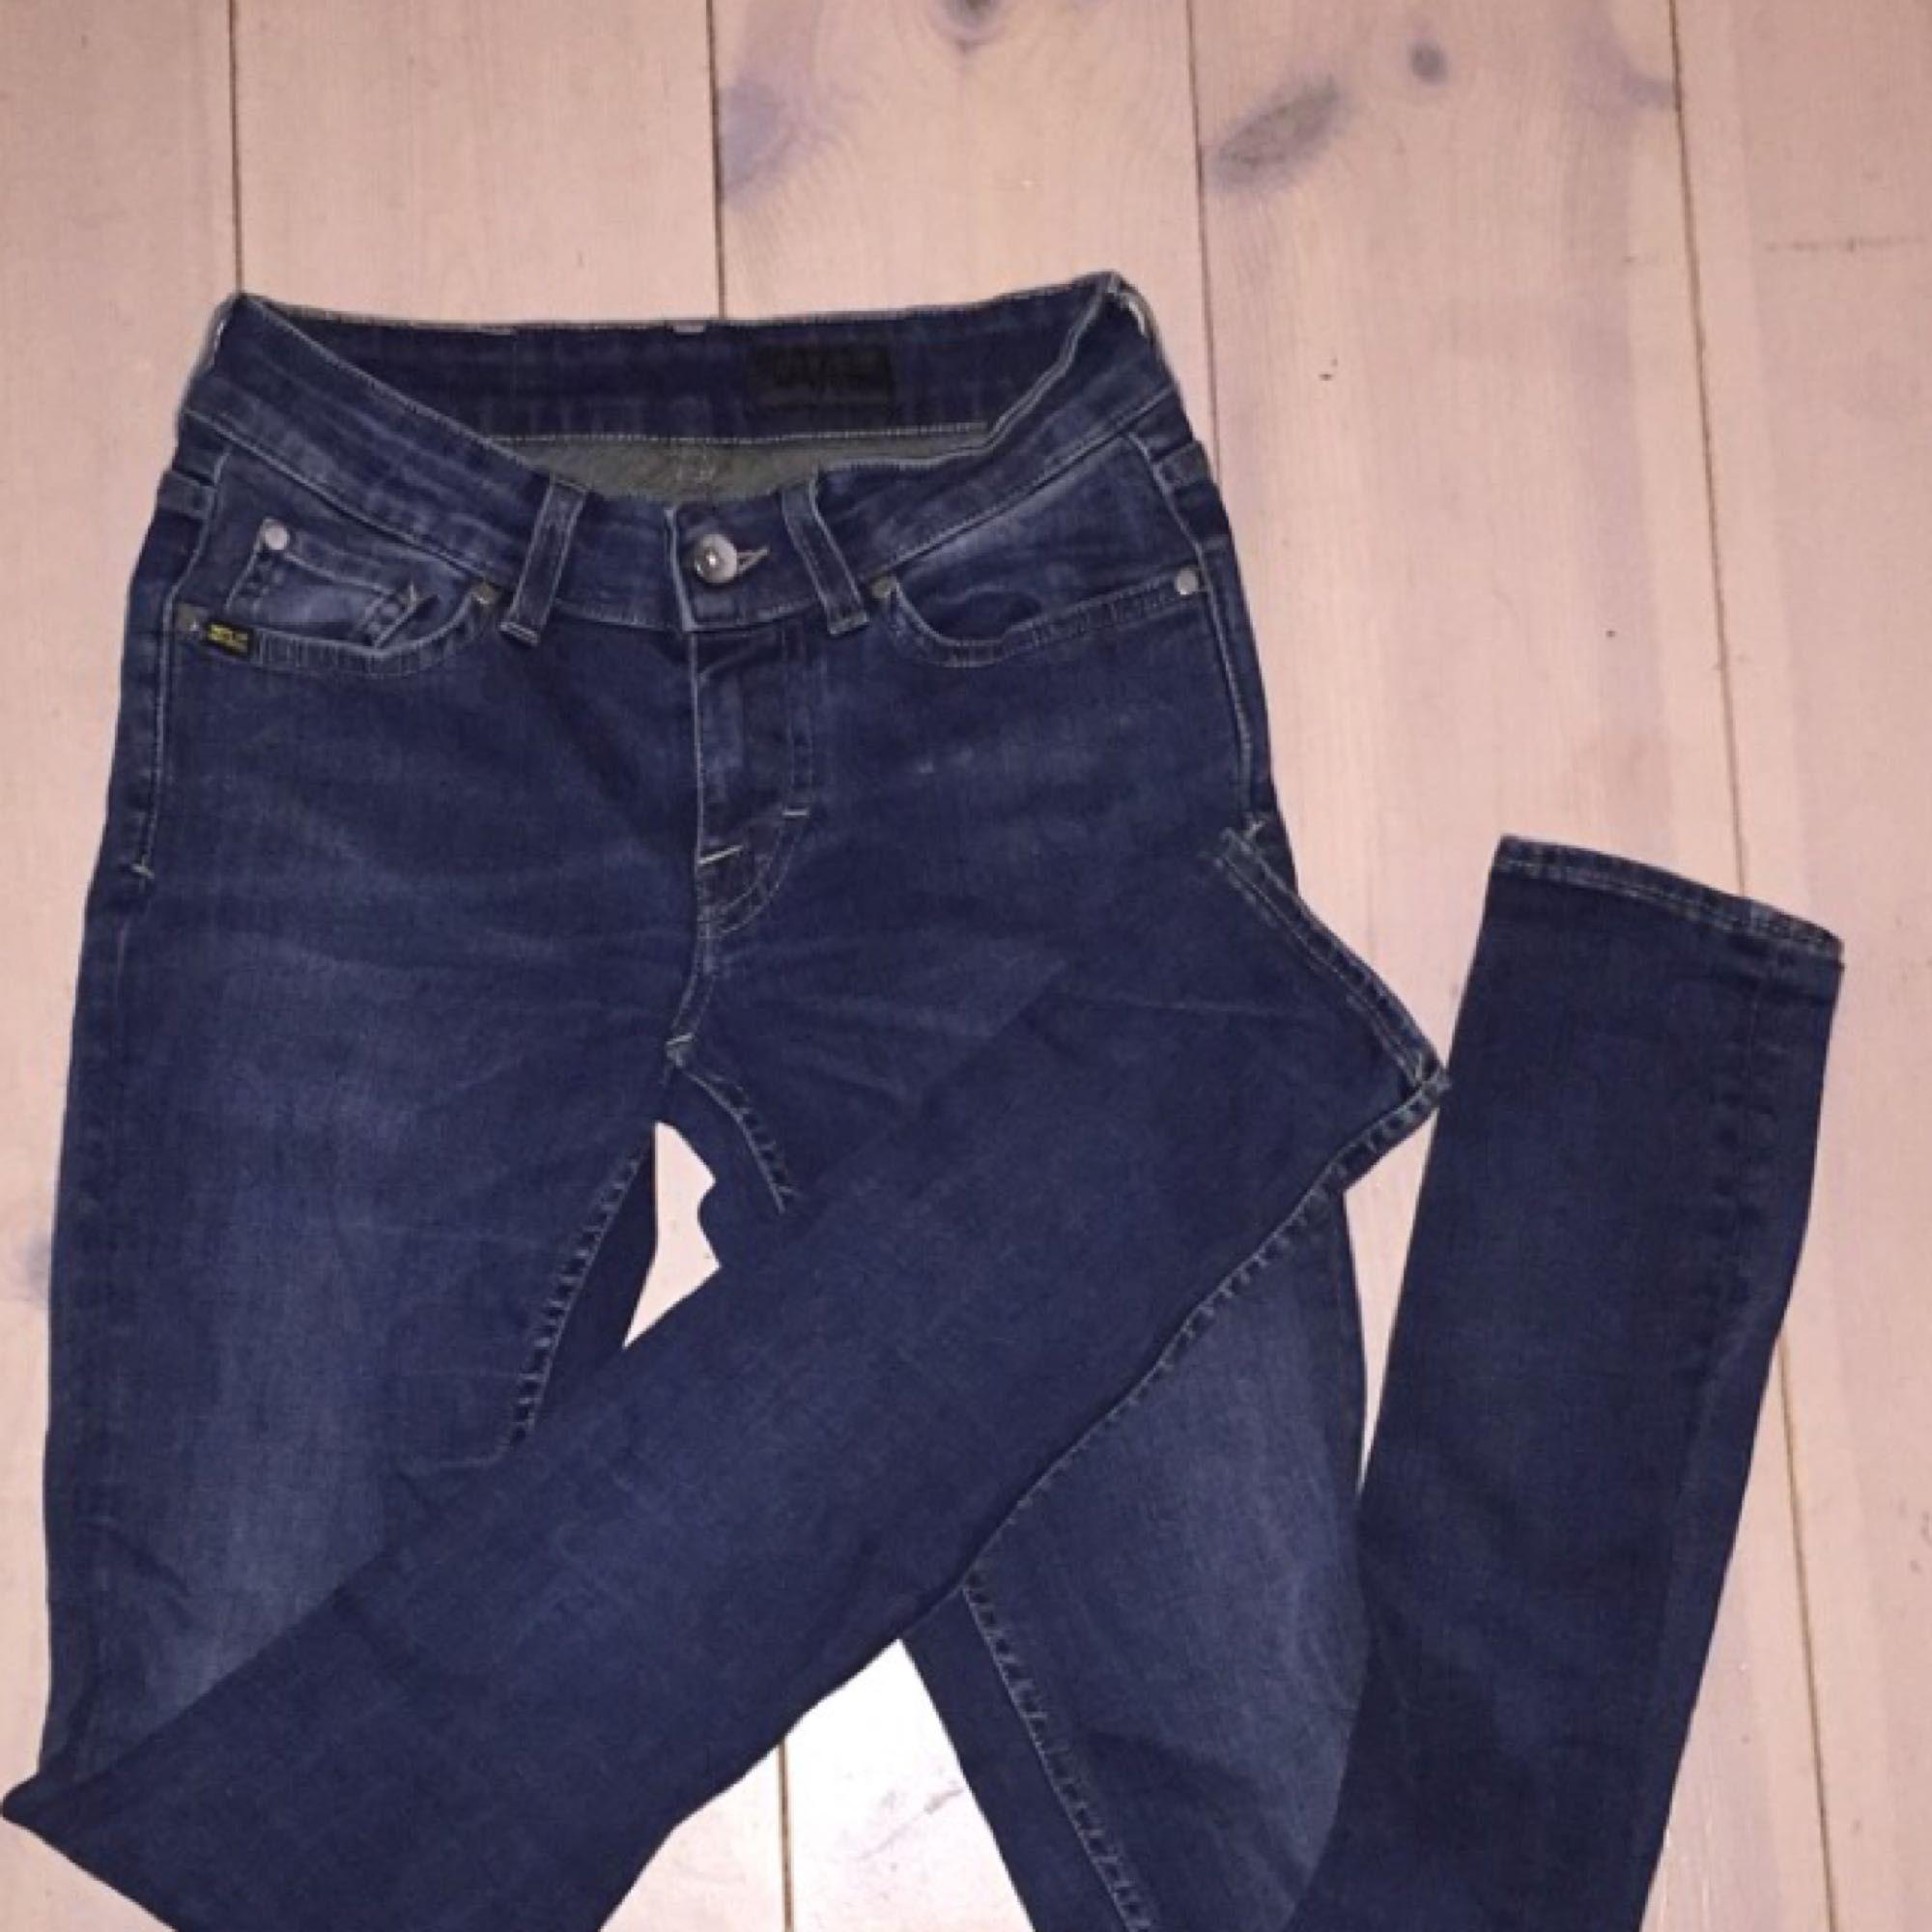 Jeansen är från tiger of sweden och är i mycket bra skick. Modellen har låg  ... ad020772bccfe